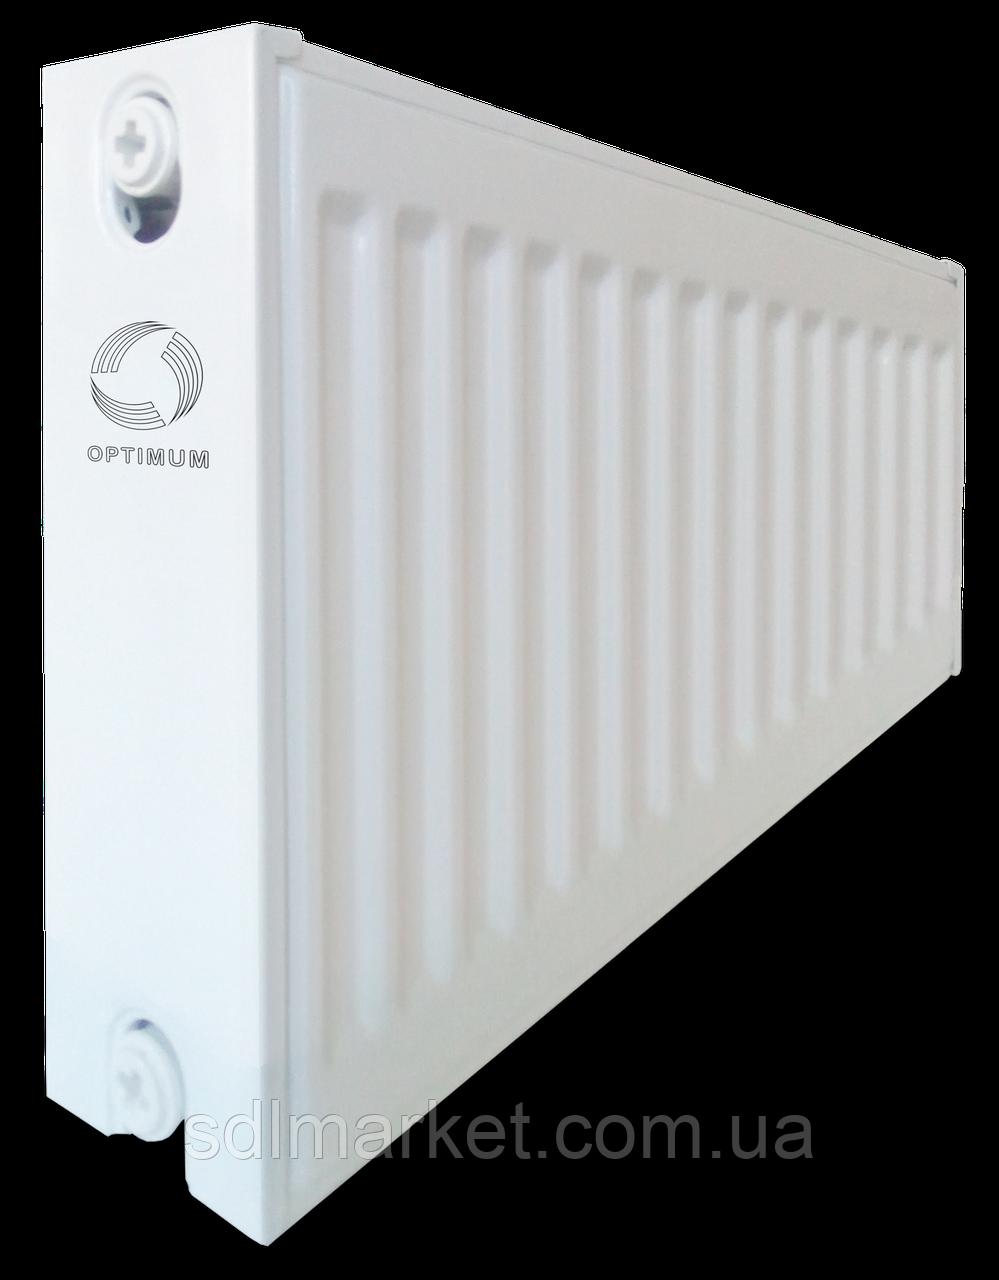 Радиатор стальной панельный OPTIMUM 22 бок 300х1200